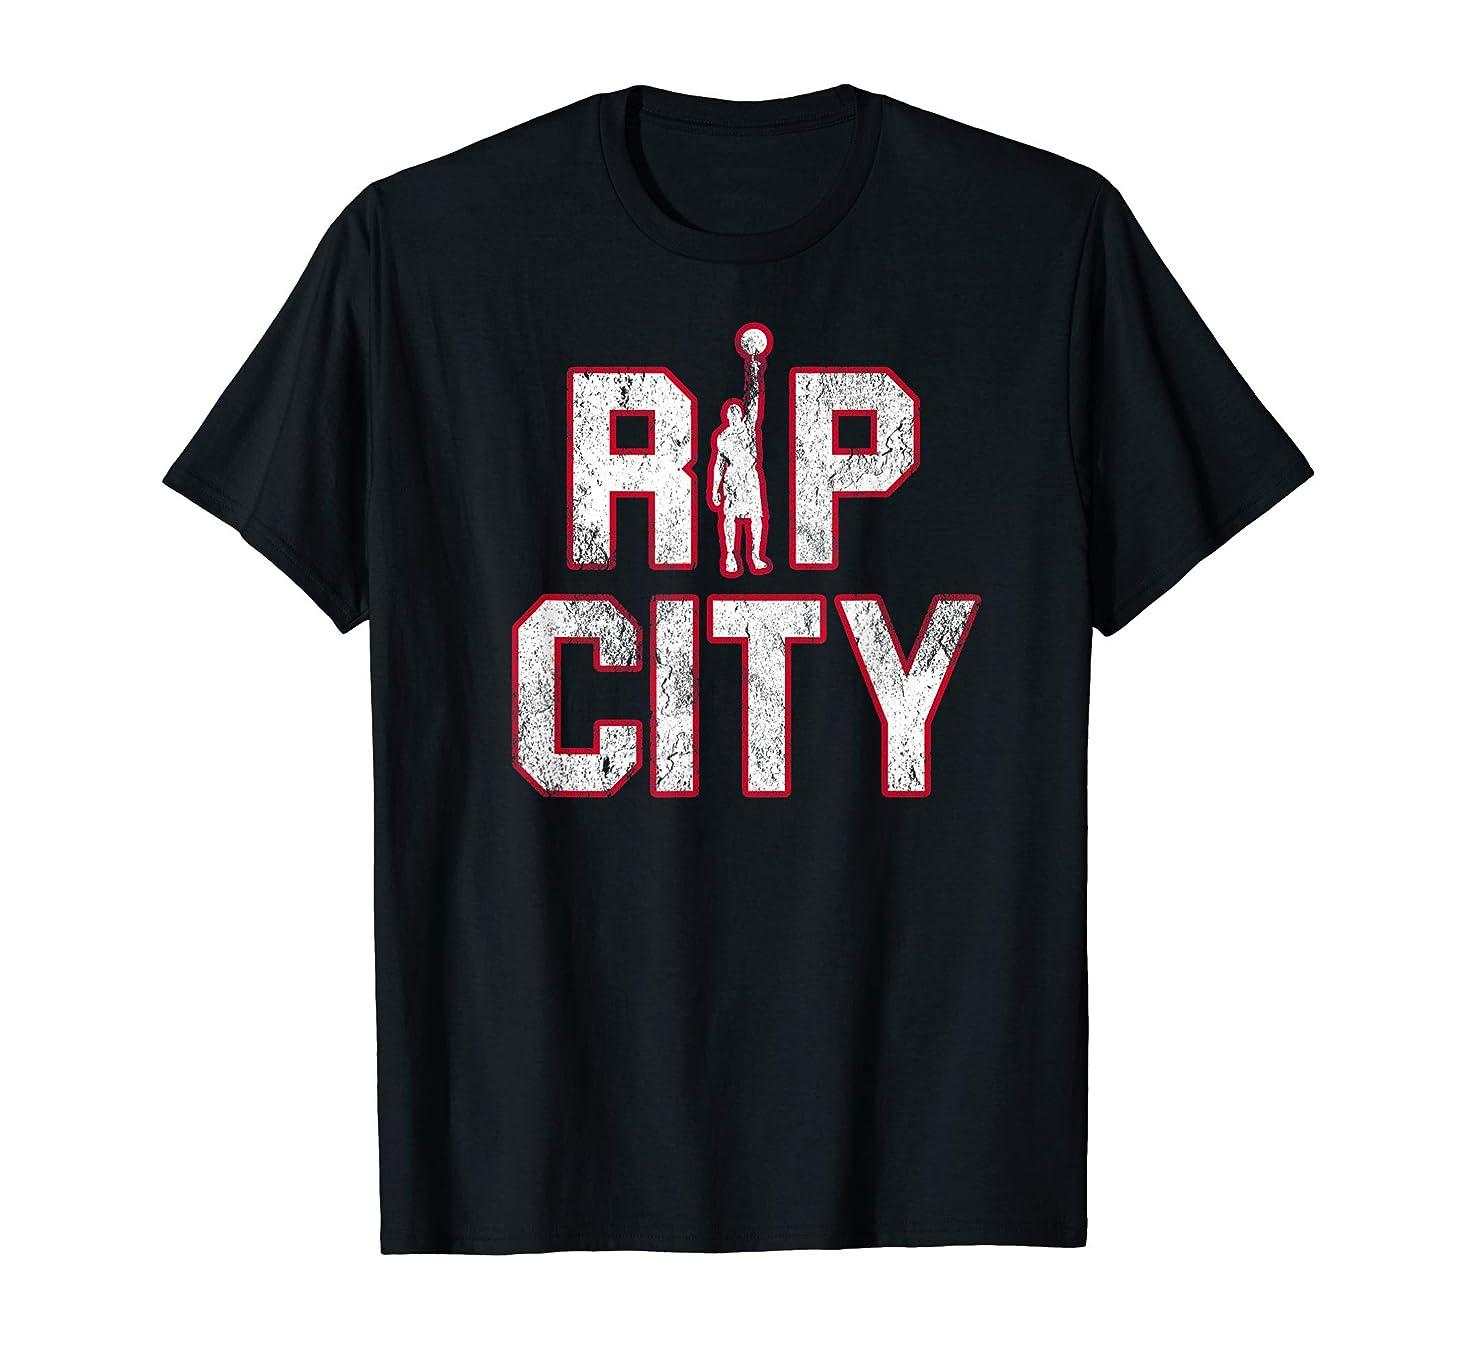 Portland City Fan Shirt